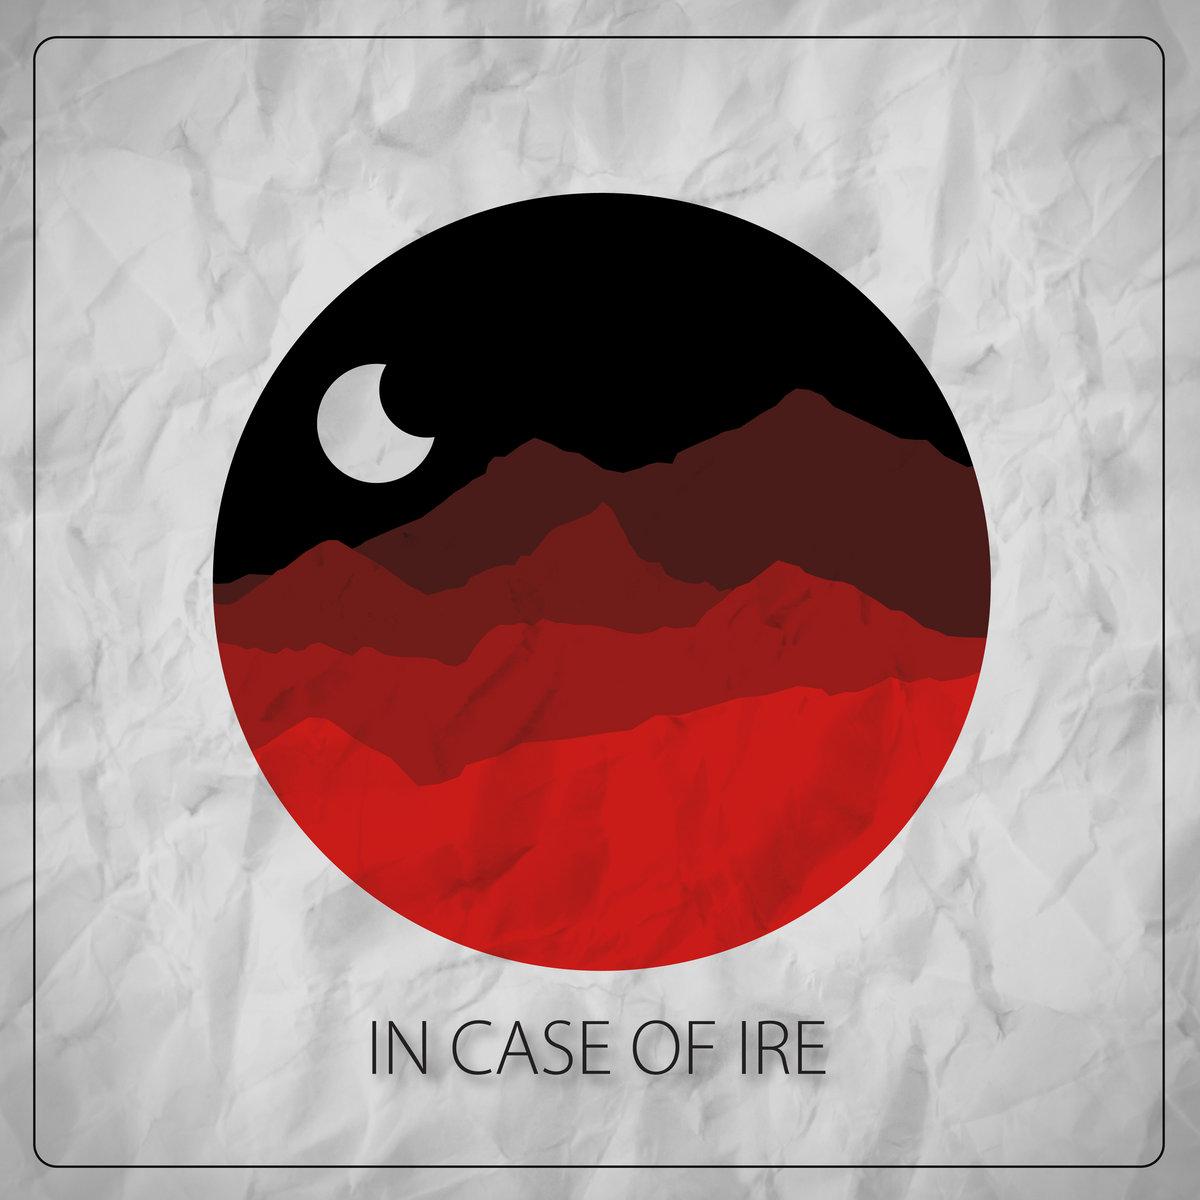 In Case of Ire -  In Case of Ire [EP] (2020)